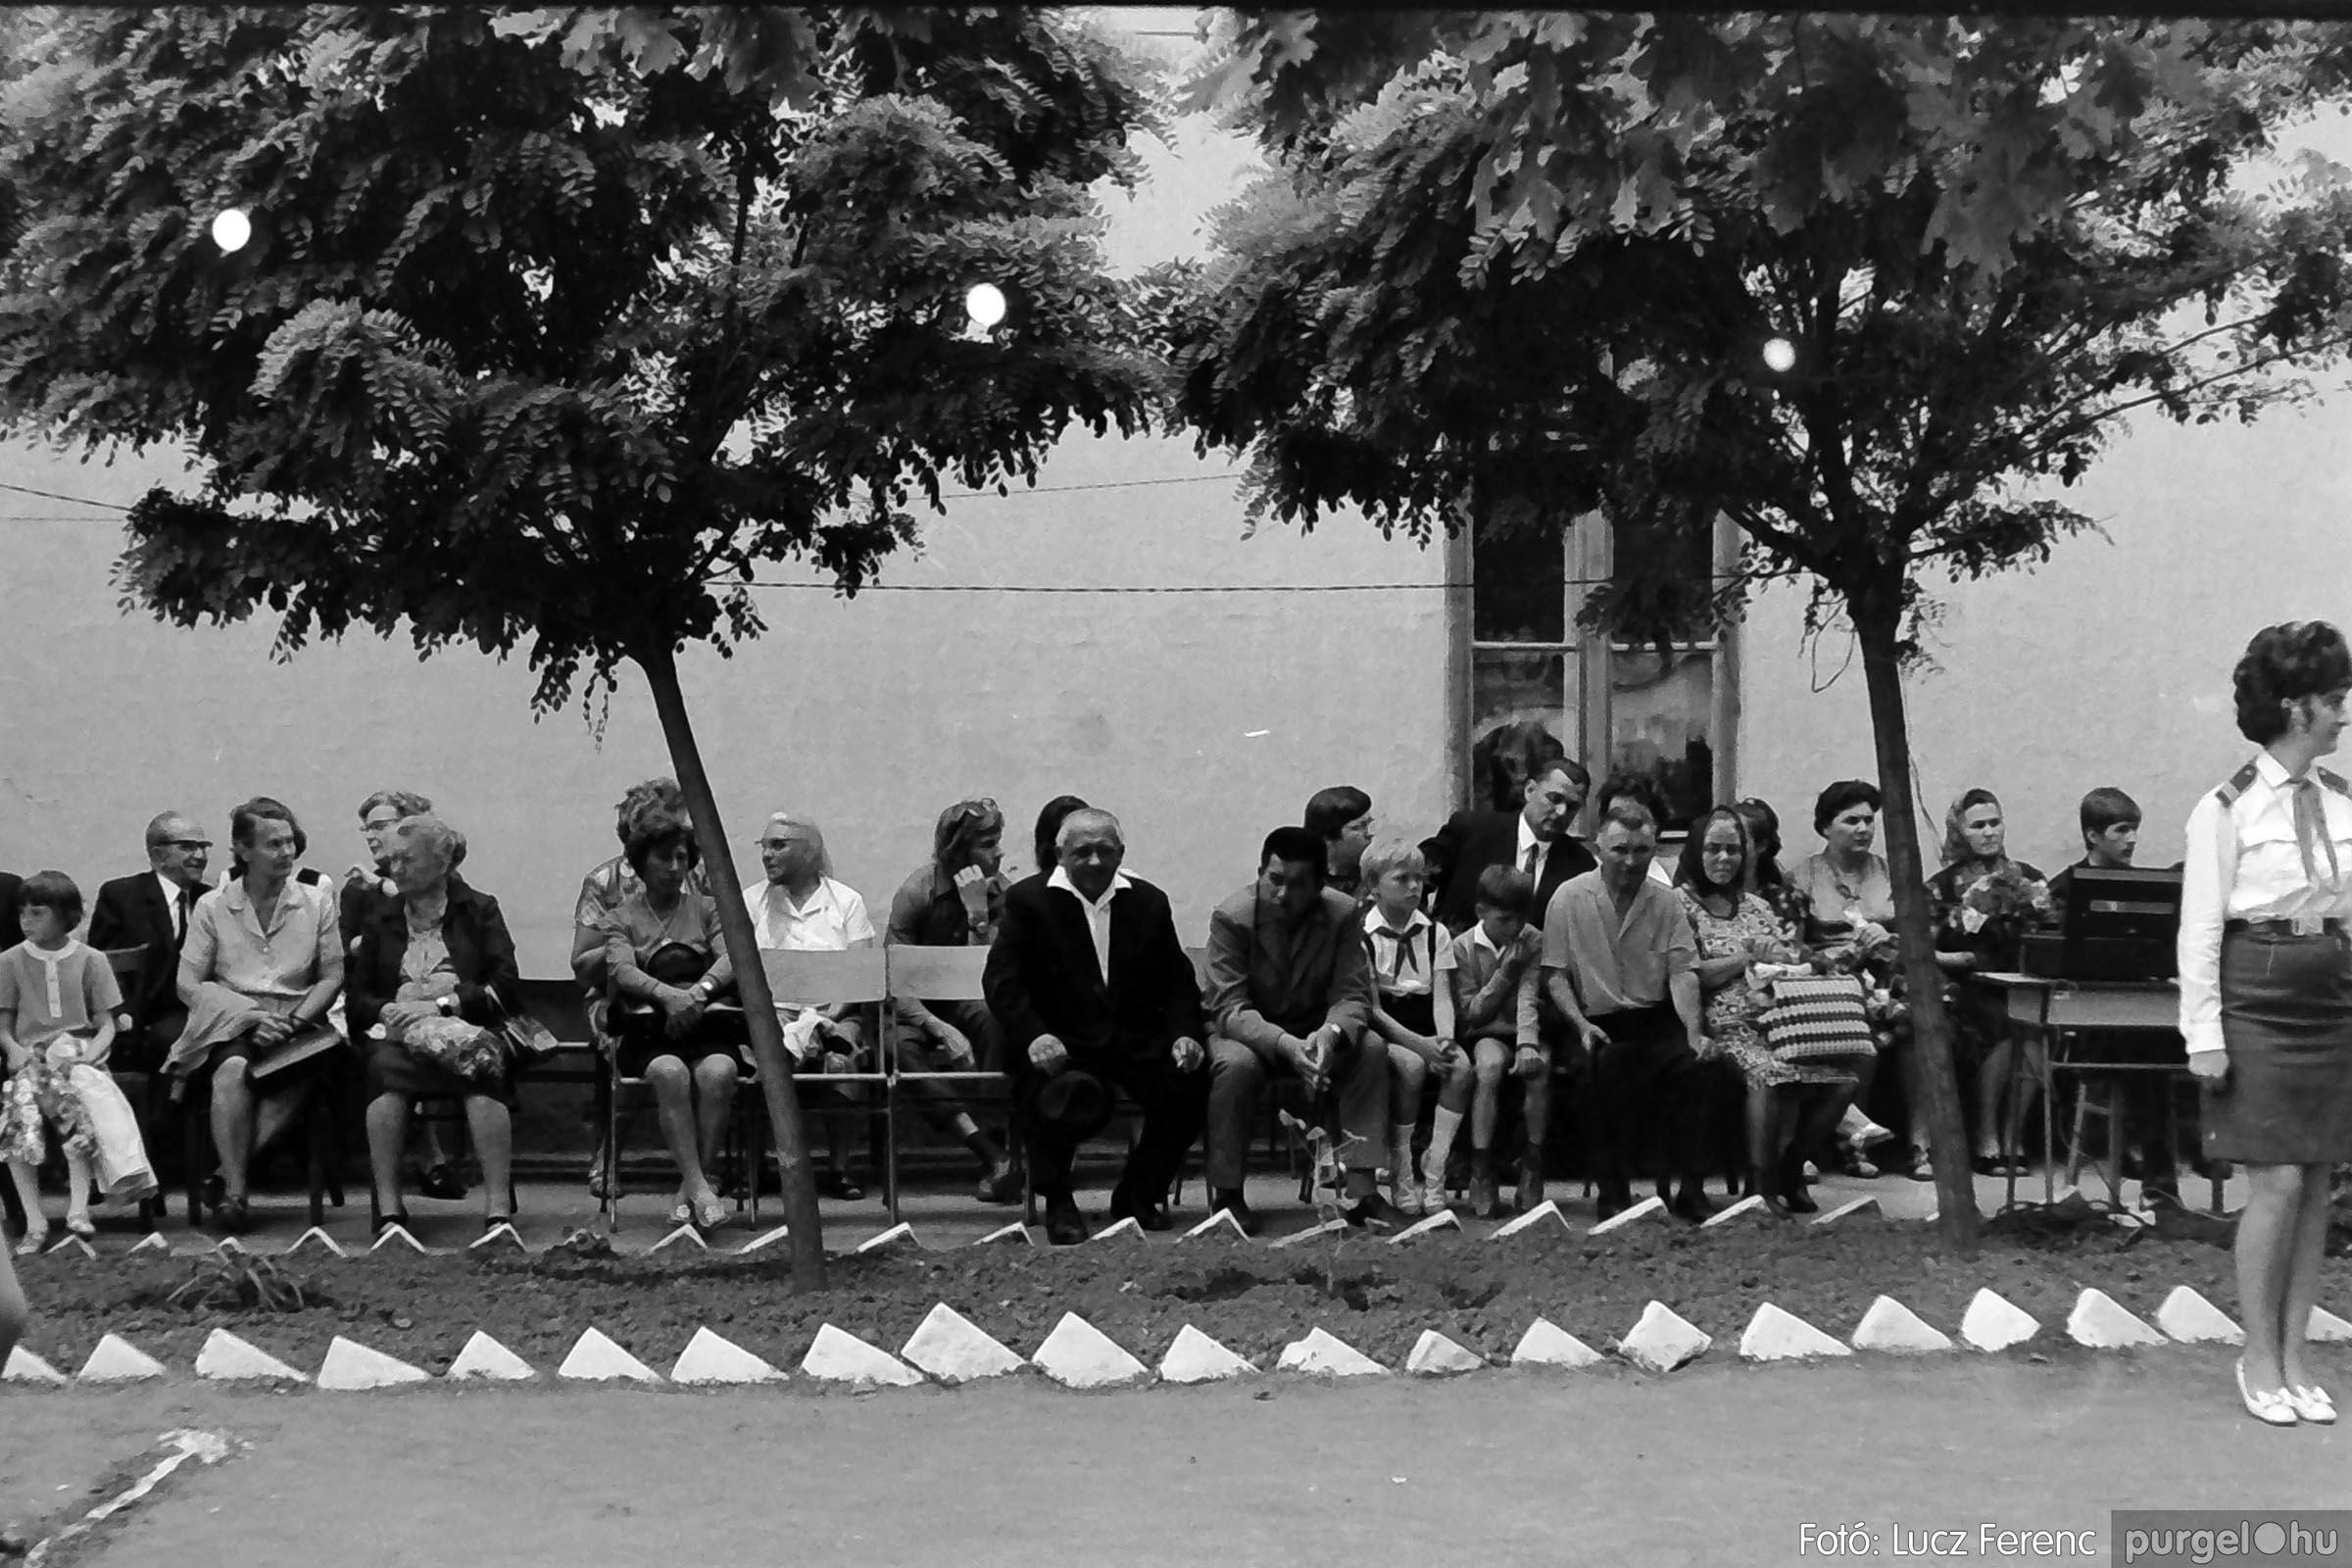 001 1972.05.27. Ballagás a szegvári iskolában 011 - Fotó: Lucz Ferenc - IMG01068q.jpg